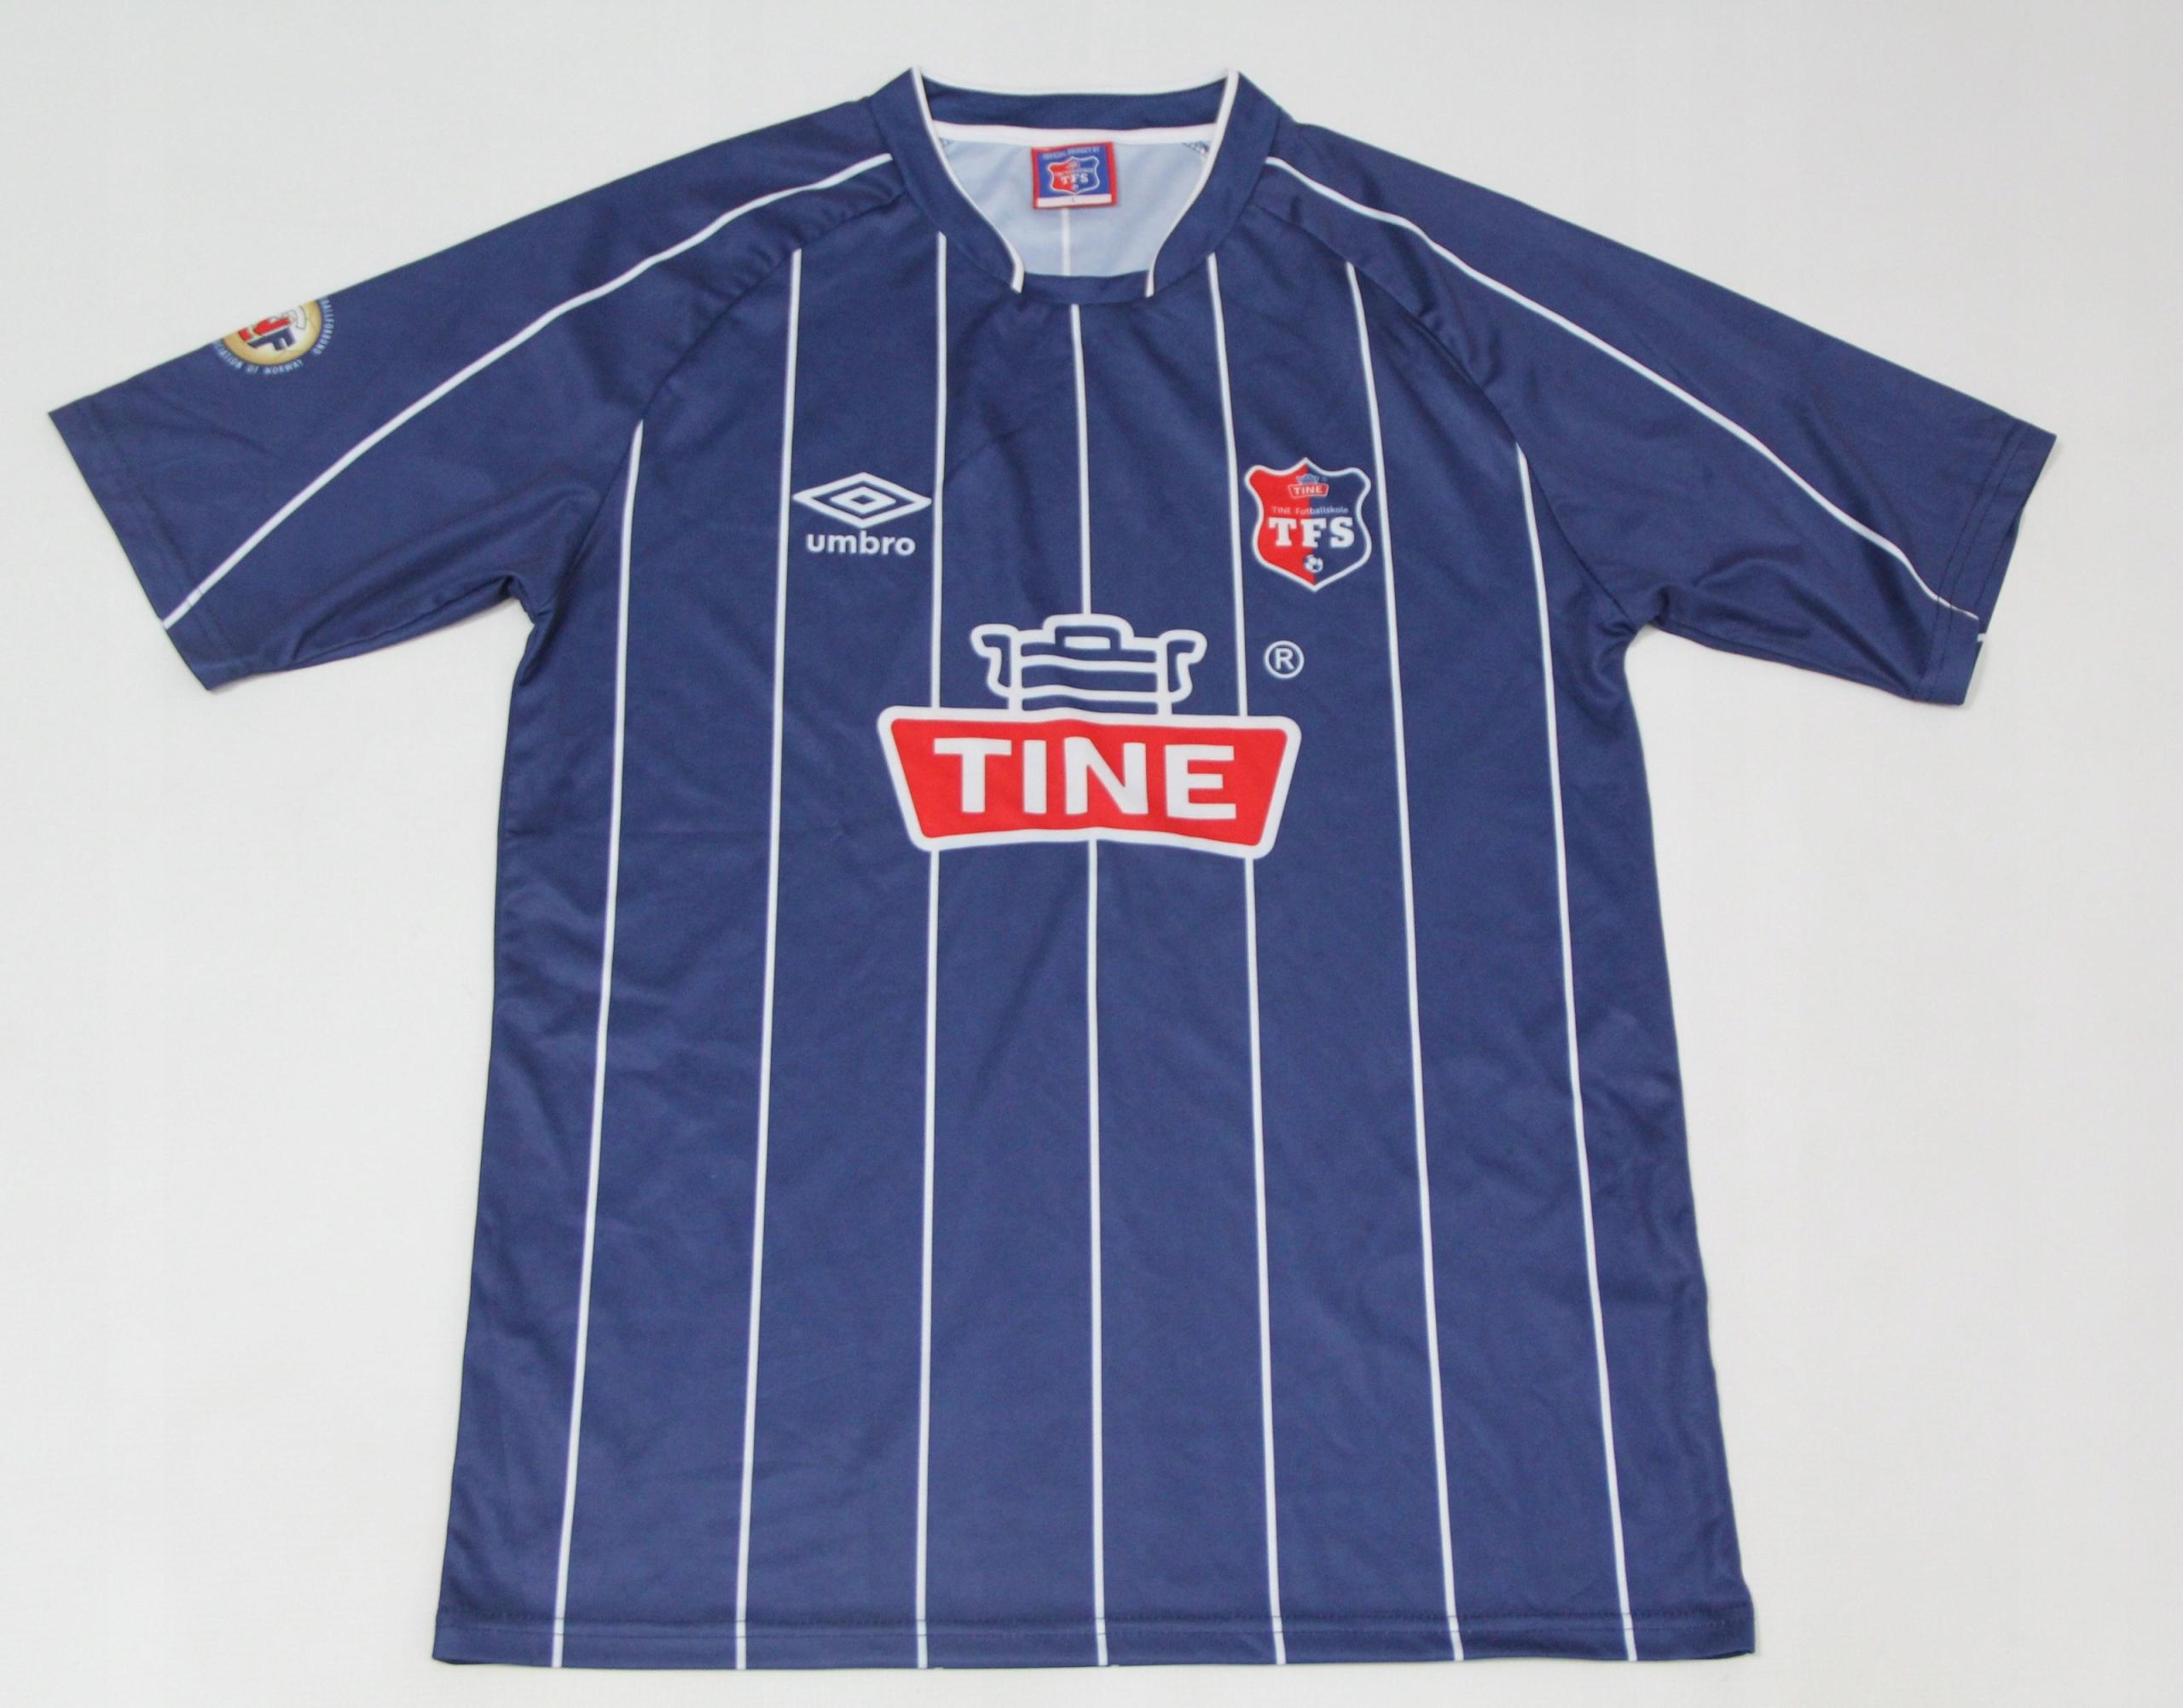 Koszulka TFS Umbro TINE